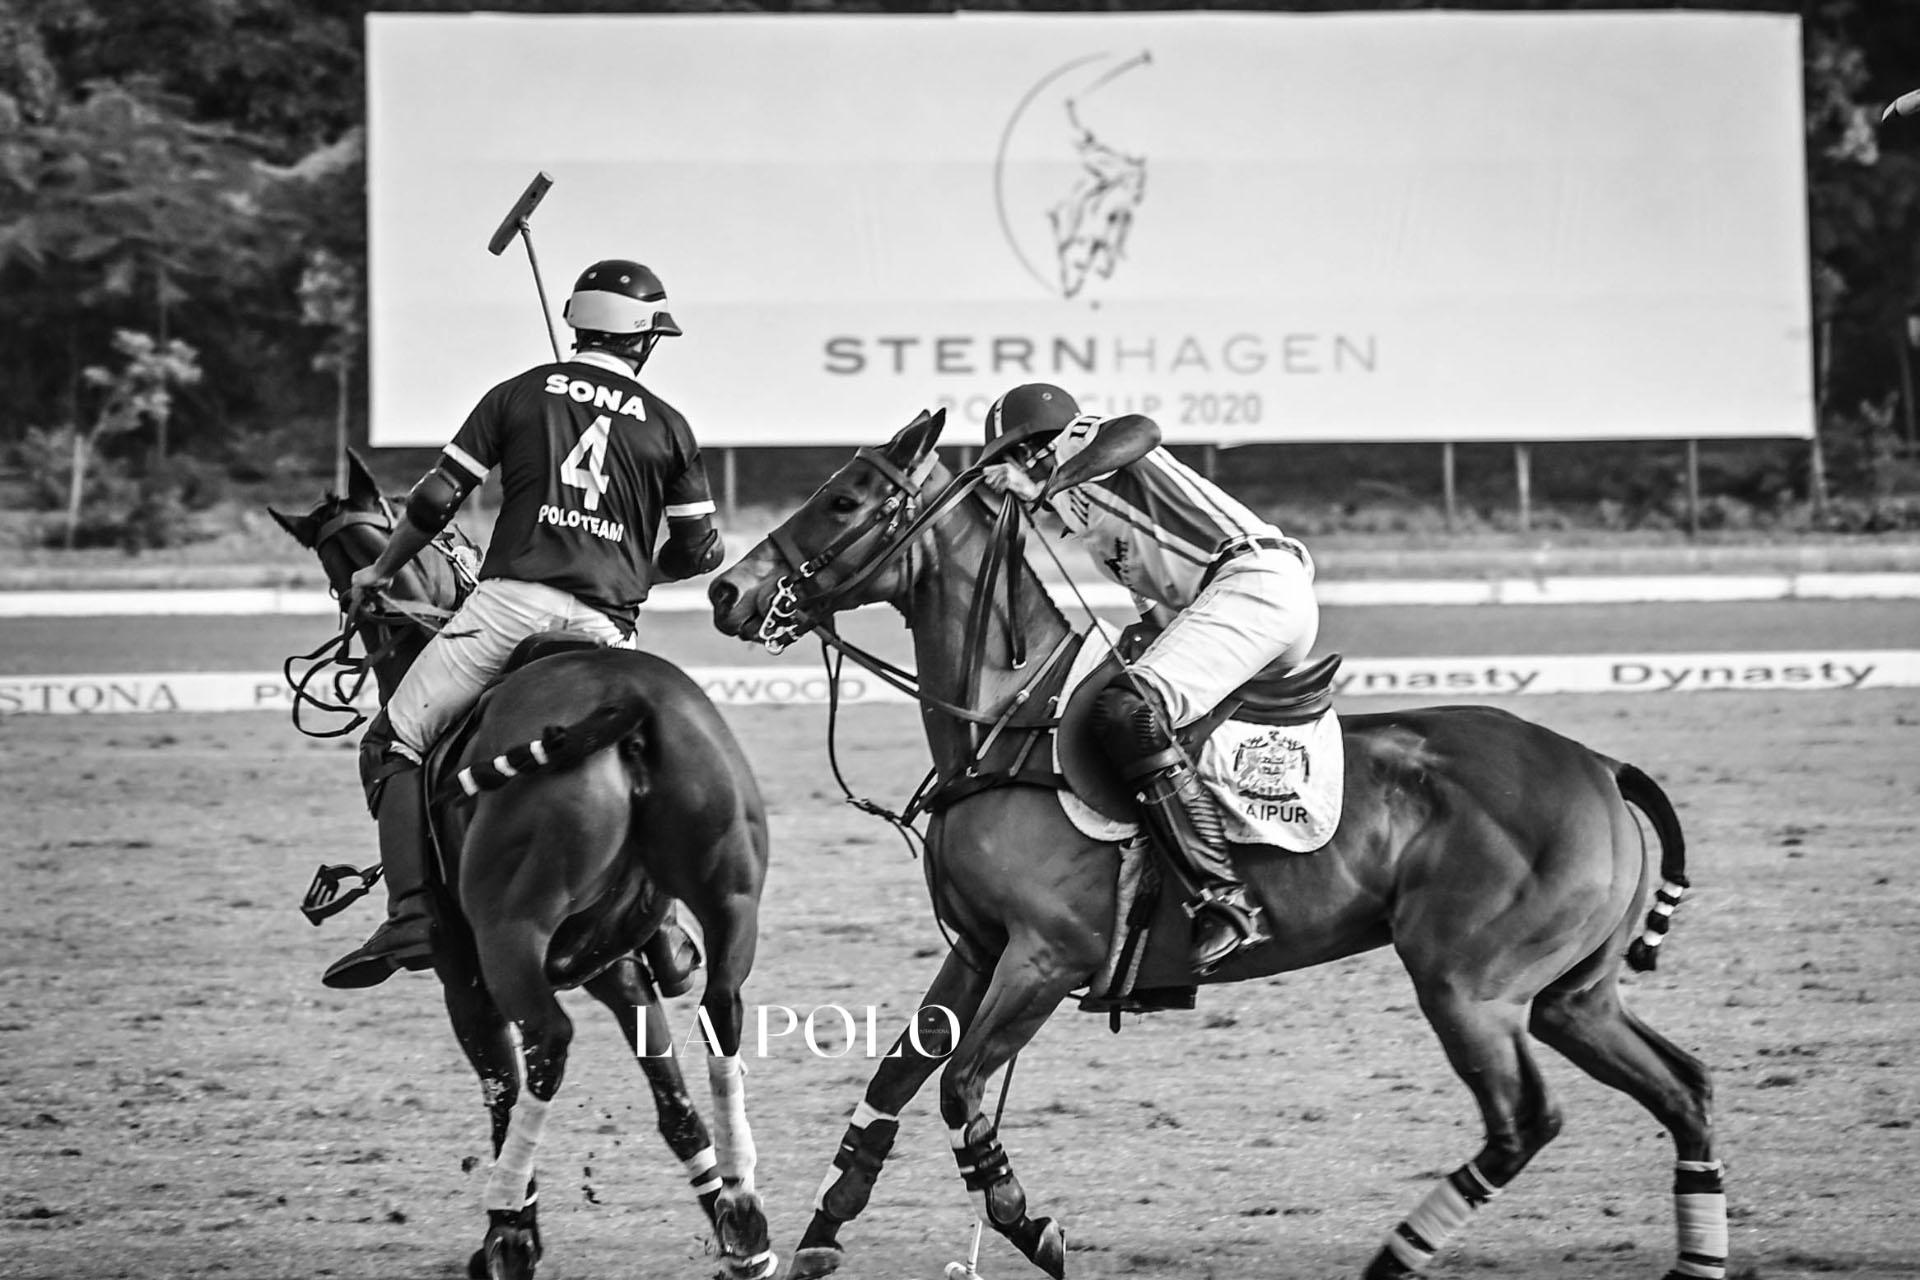 Sternhagen Bhavnagar Trophy | 10 Goals